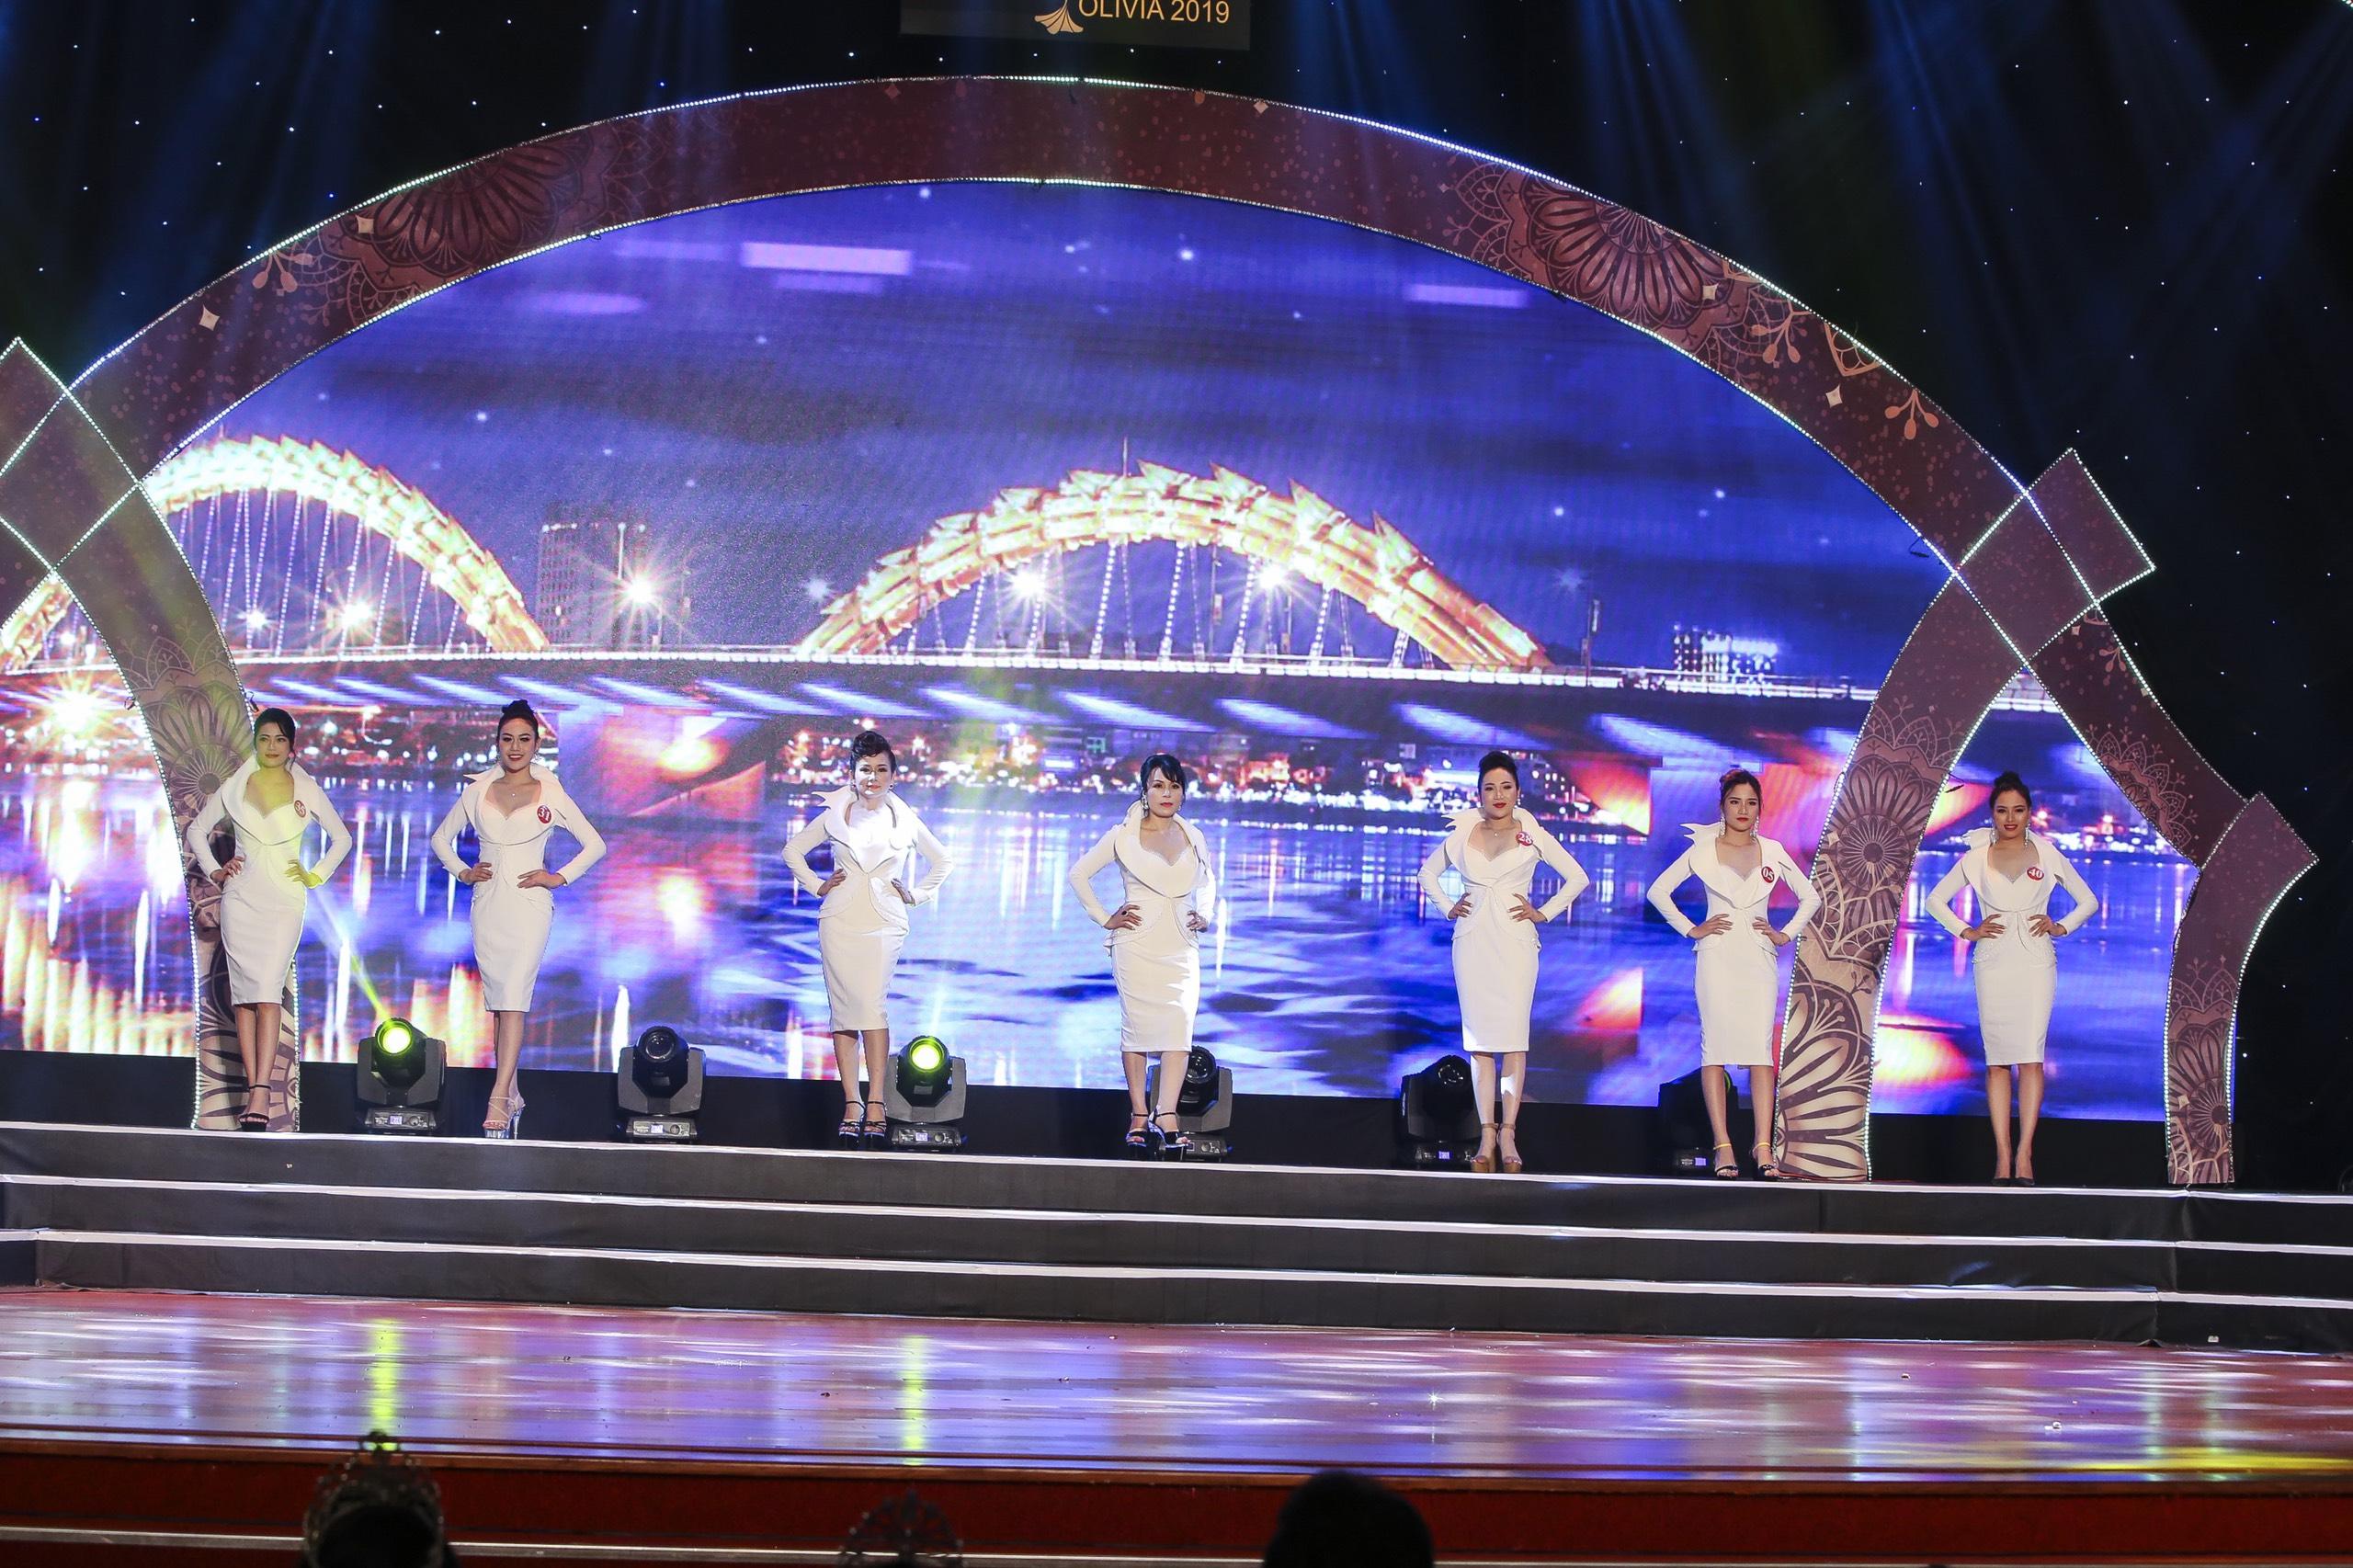 Nhiều sắc màu tại đêm tôn vinh Hoa hậu Thương hiệu Olivia tại Việt Nam 2019 - Ảnh 5